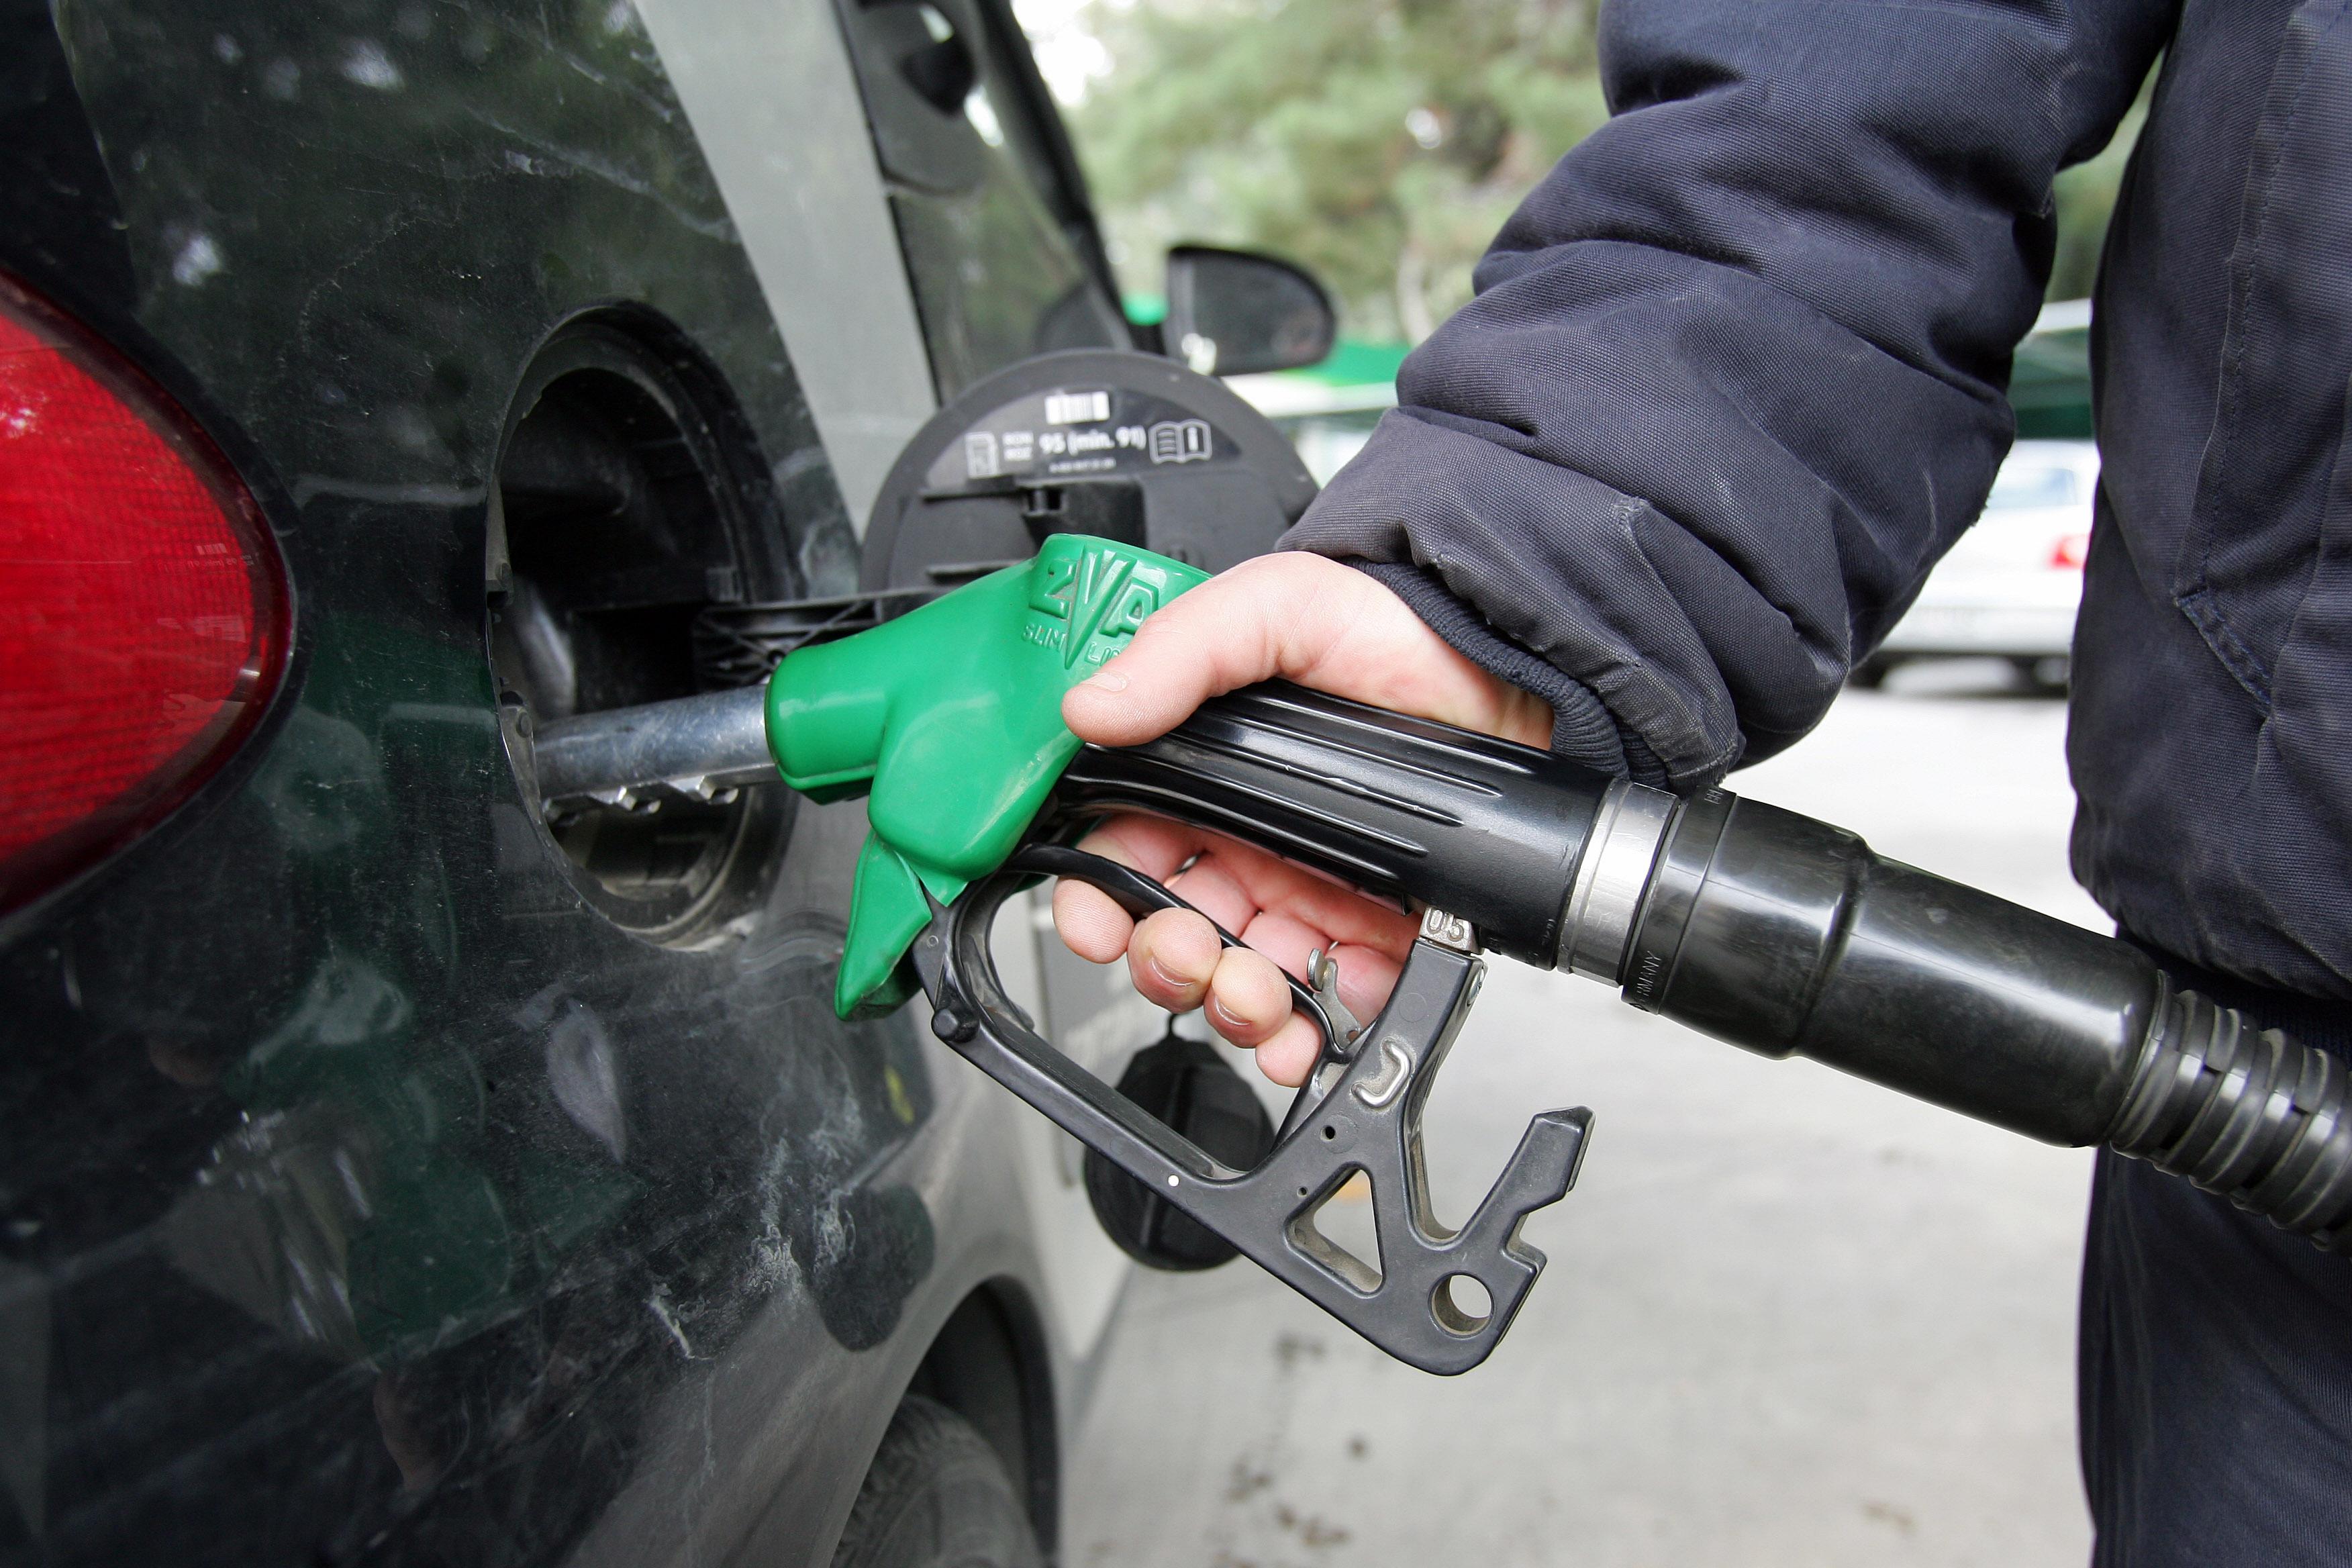 Πρόστιμα μέχρι και 400.000 ευρώ σε 3.500 βενζινάδικα   tovima.gr